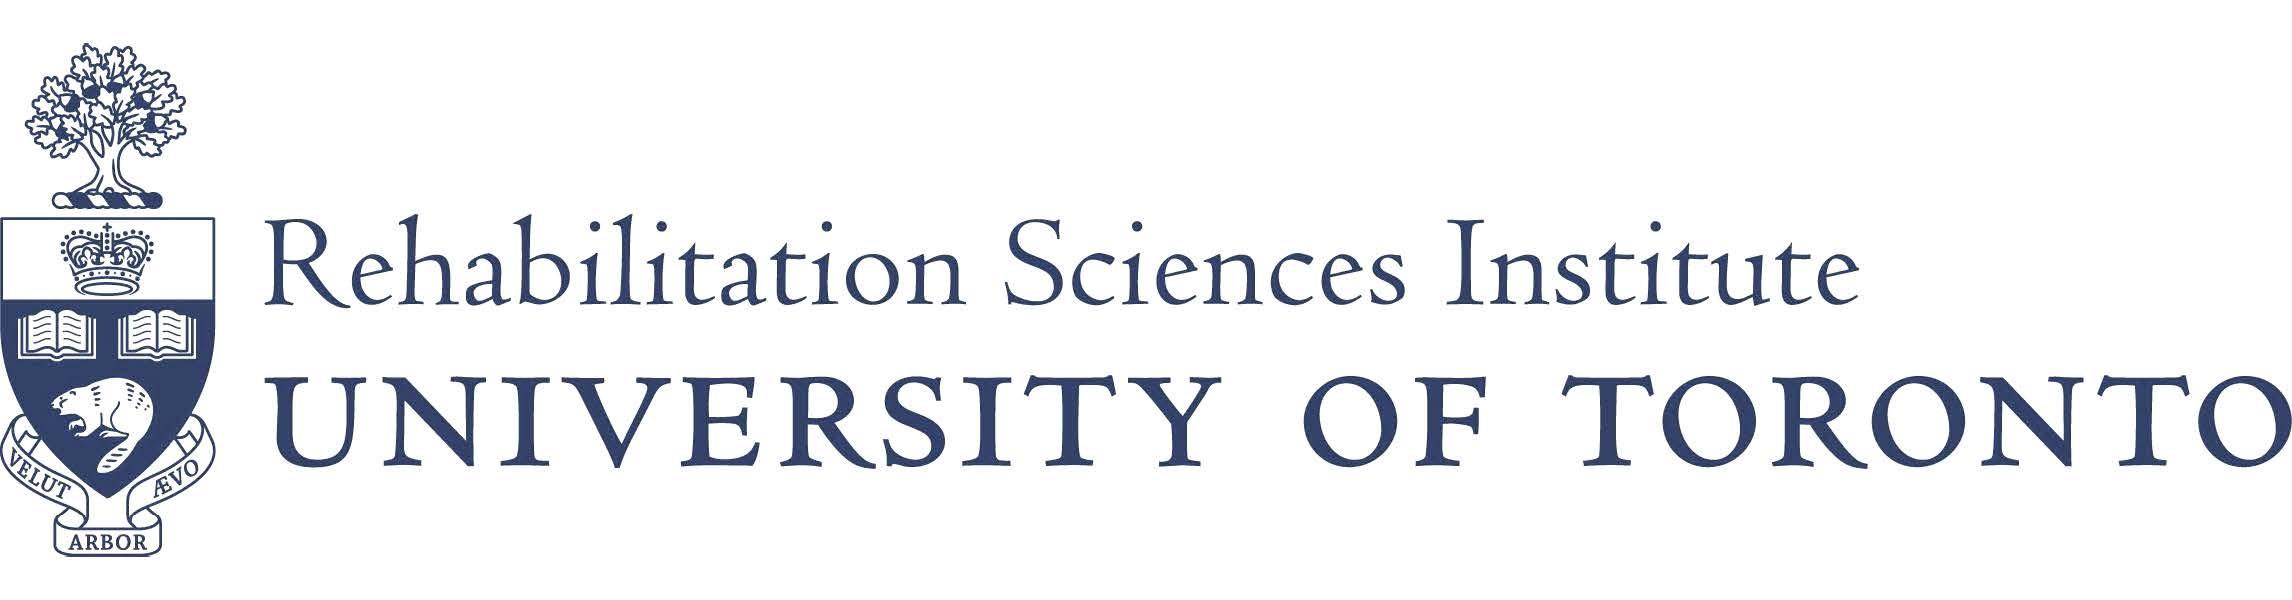 Rehabilitation Sciences Institute University of Toronto